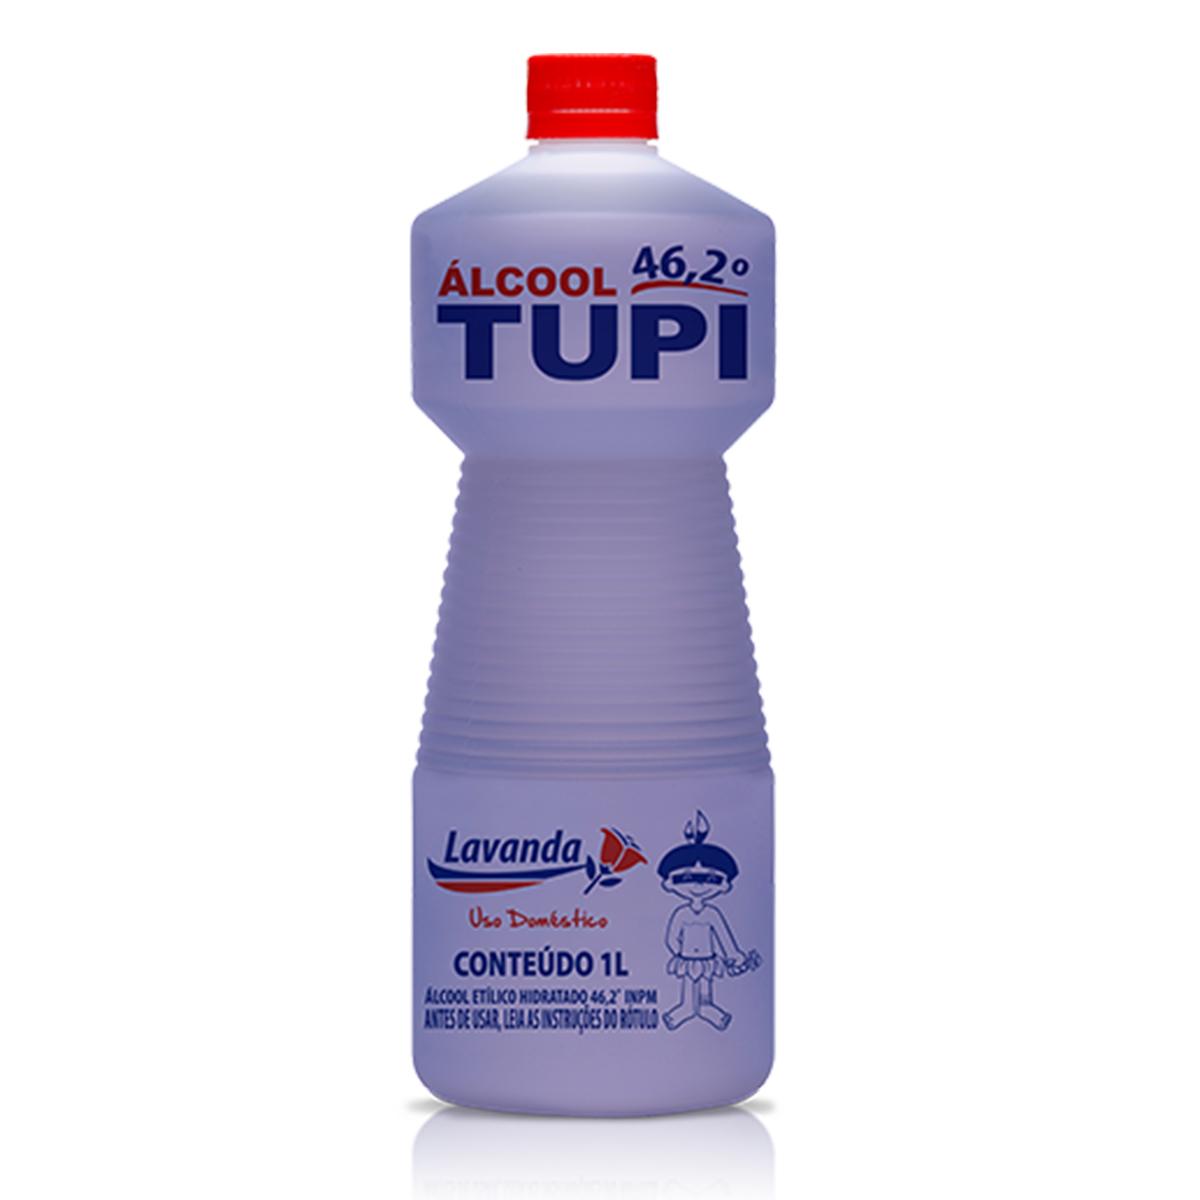 Álcool Líquido 46,2º INPM Lavanda Tupi